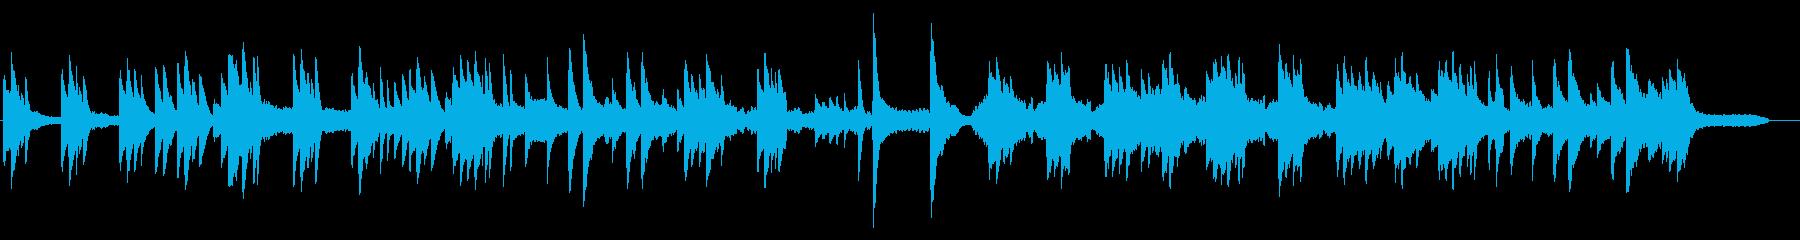 切なく儚いピアノBGM 感動シーンの再生済みの波形